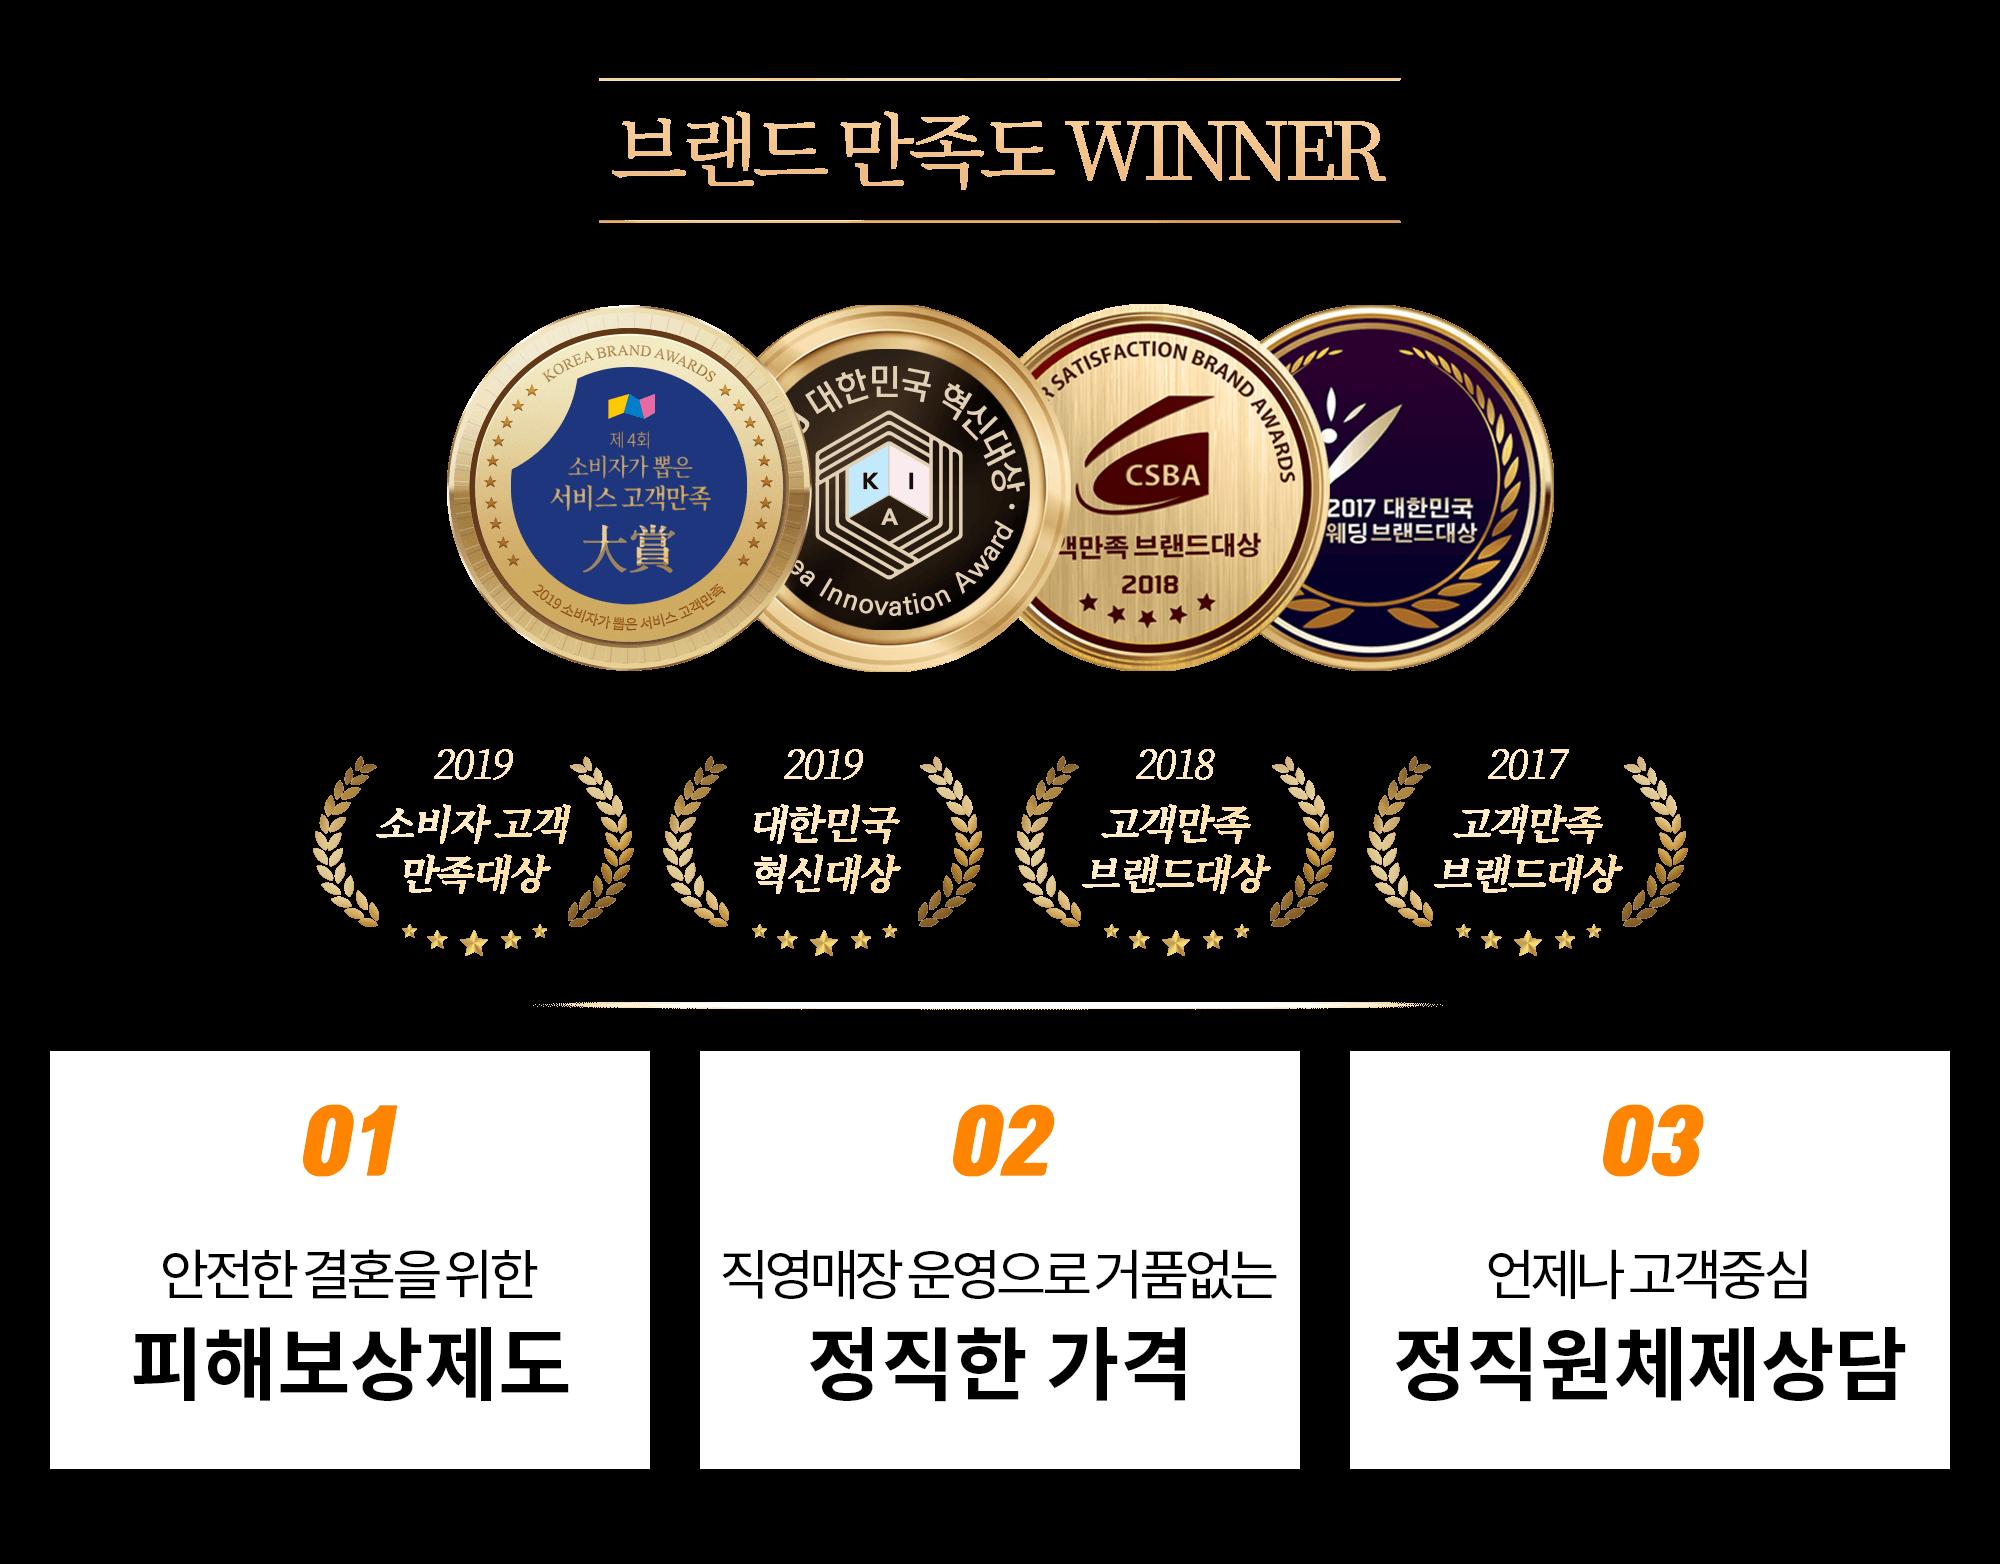 2019 대한민국 브랜드대상